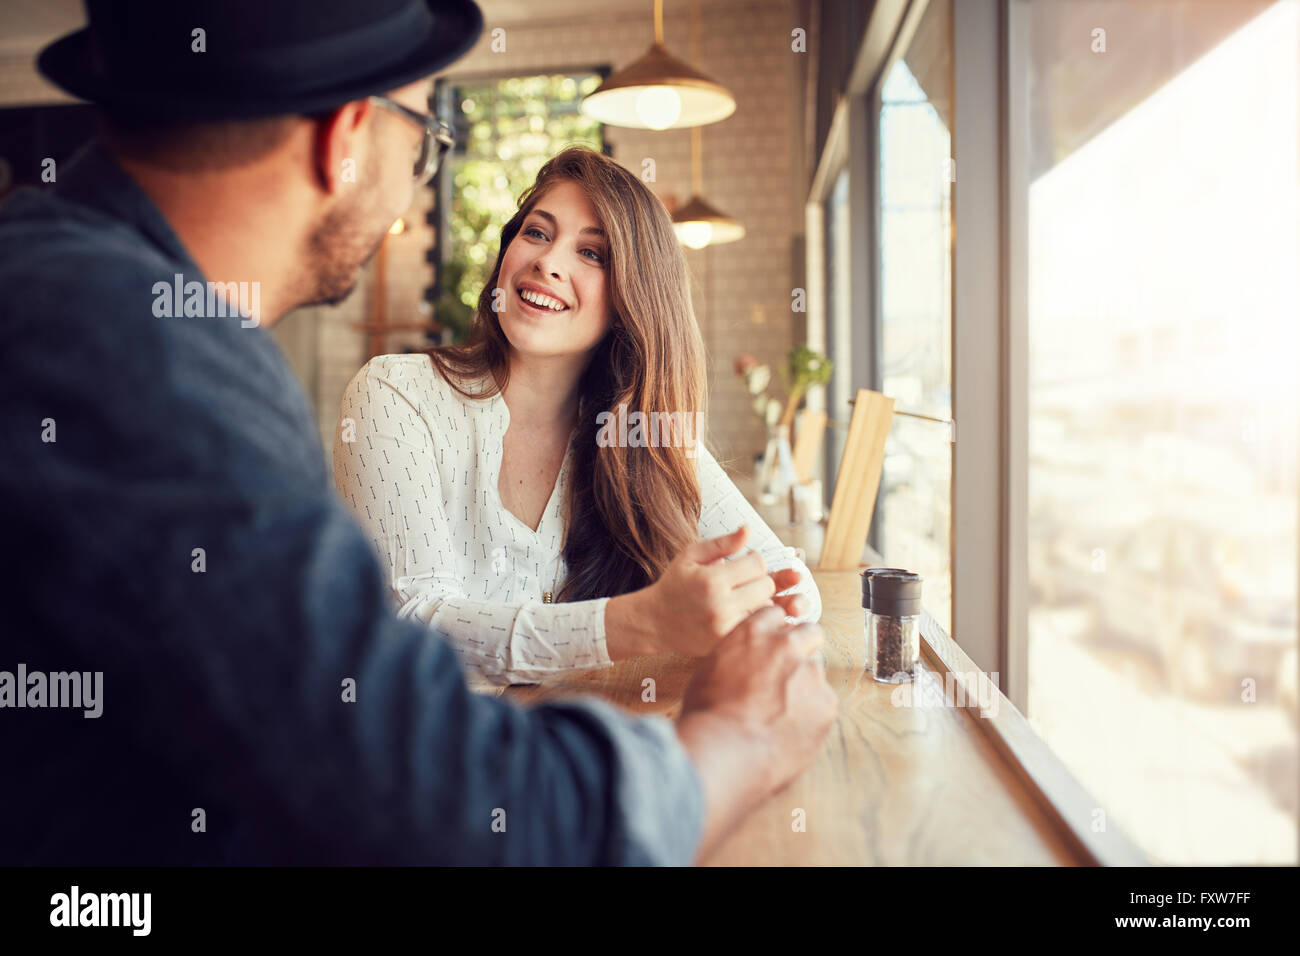 Mujer sonriente sentado en un café y hablar con su novio. Pareja joven pasar tiempo en la cafetería. Imagen De Stock